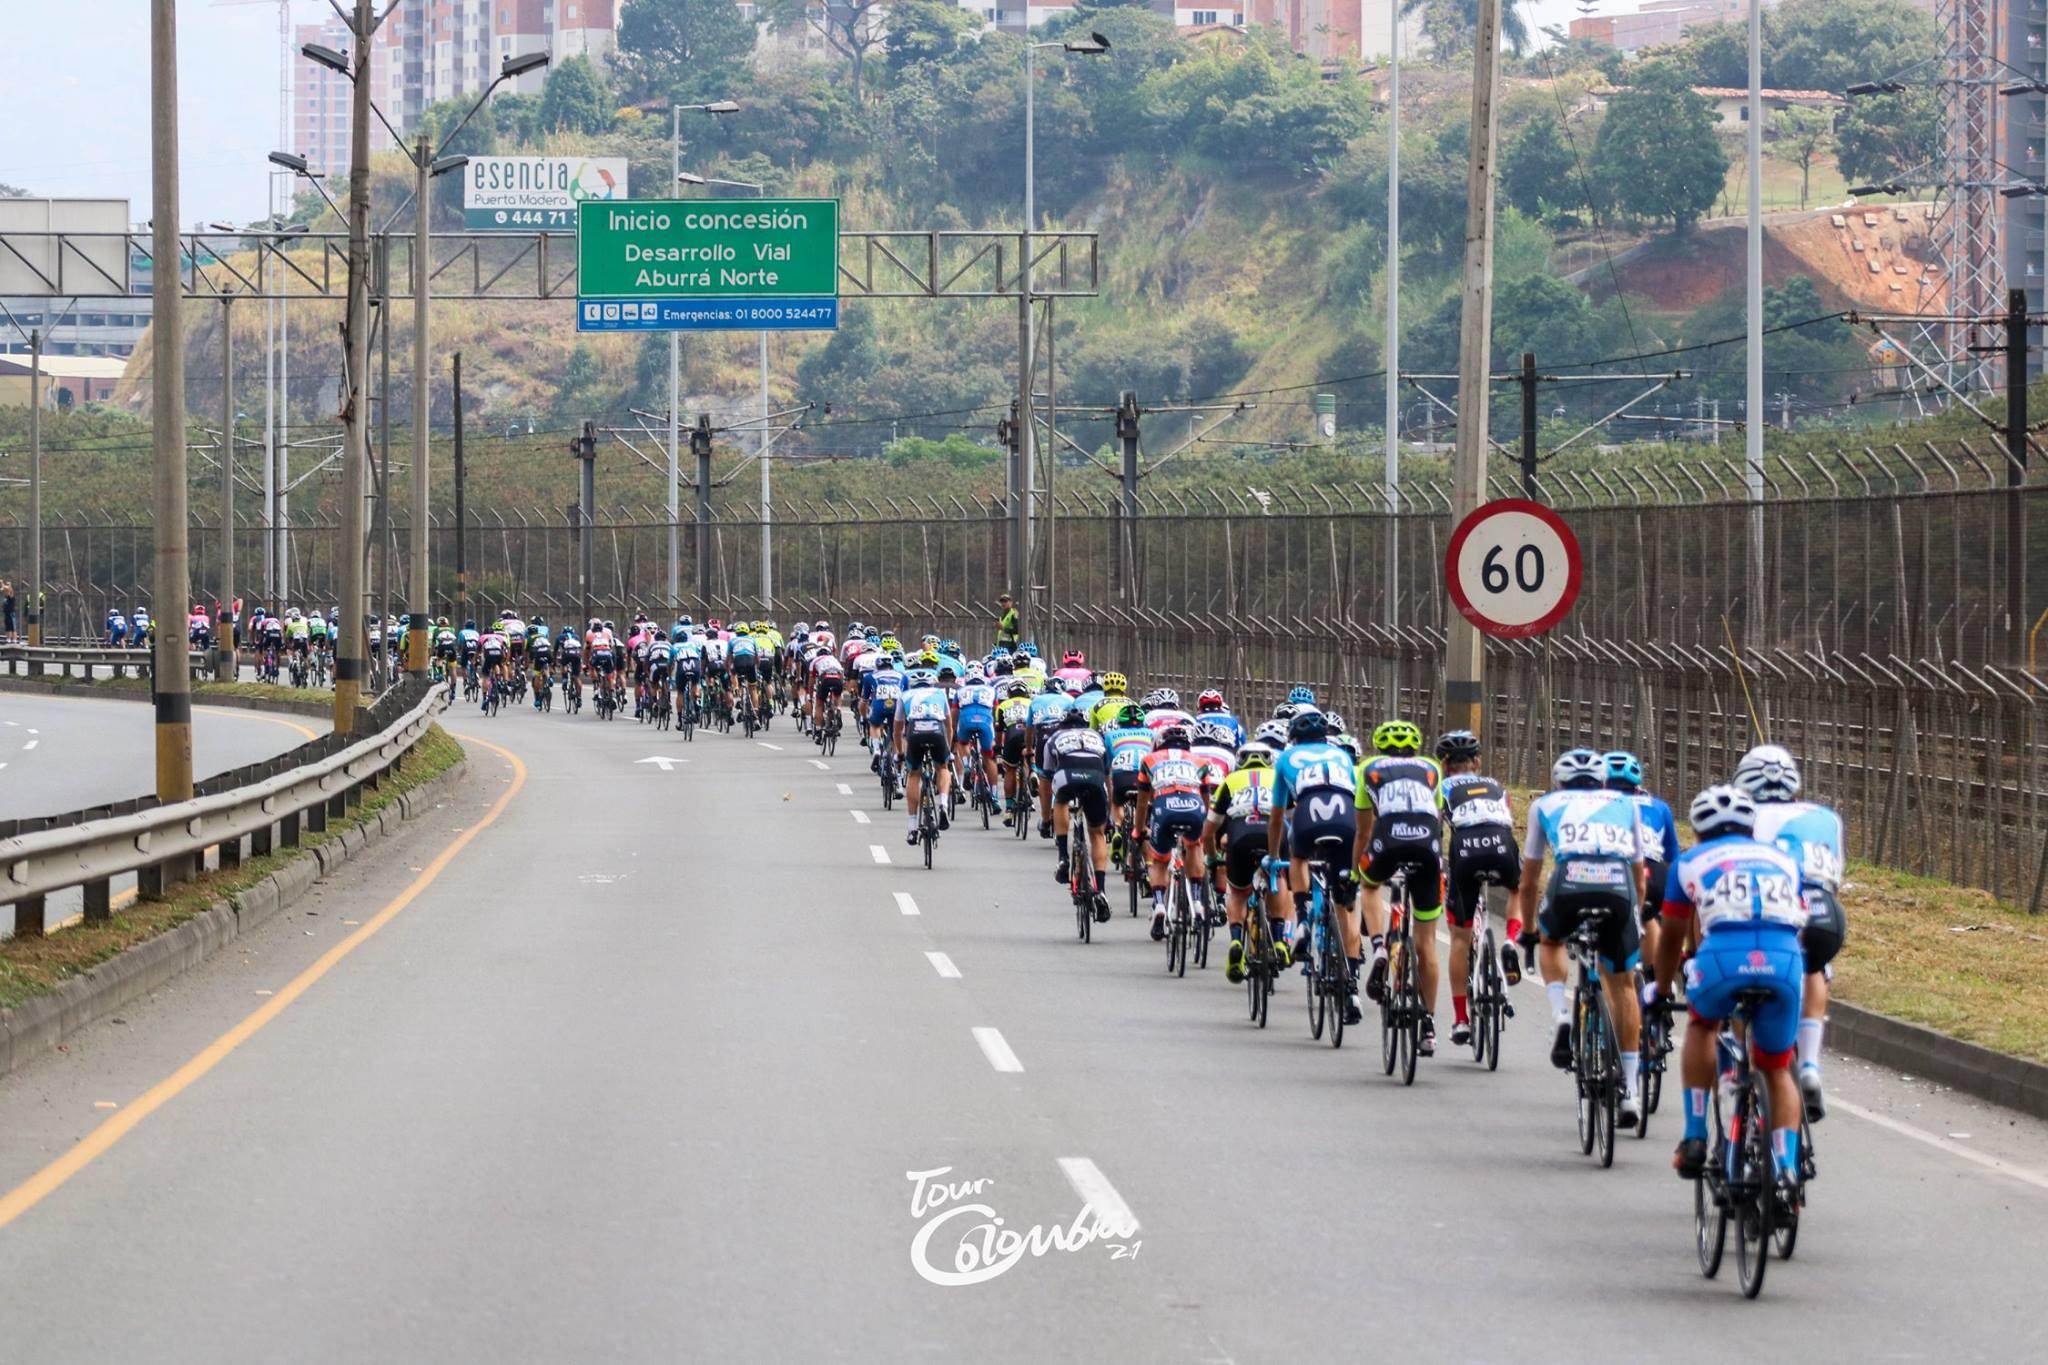 El Ministerio de Deporte de Colombia crea un nuevo equipo para 2020.